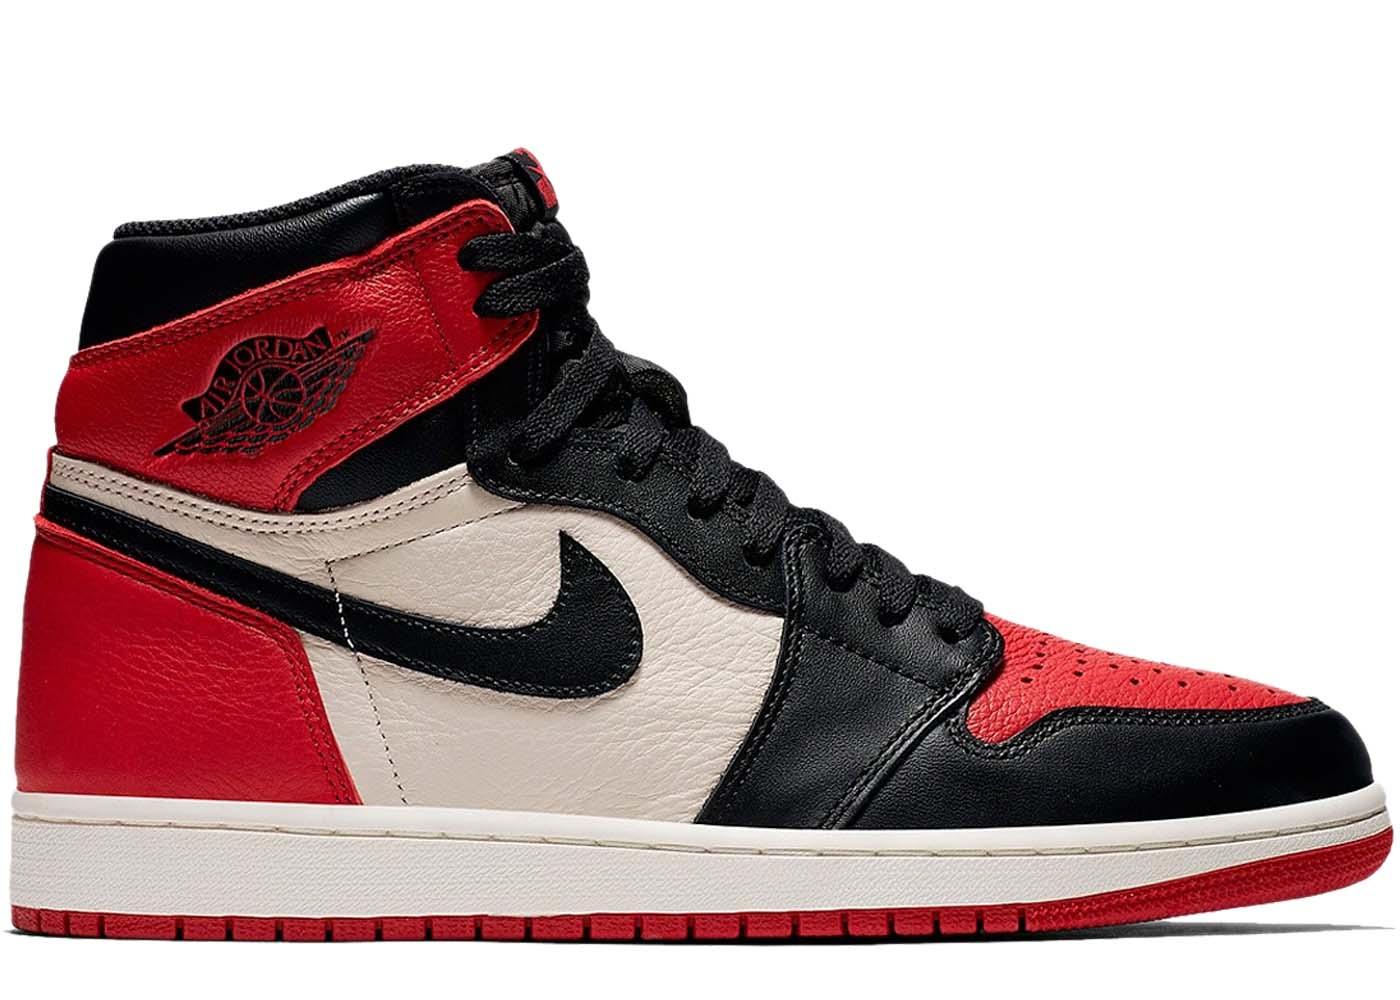 eac79aa7f7f6 Air Jordan 1 Retro High Bred Toe